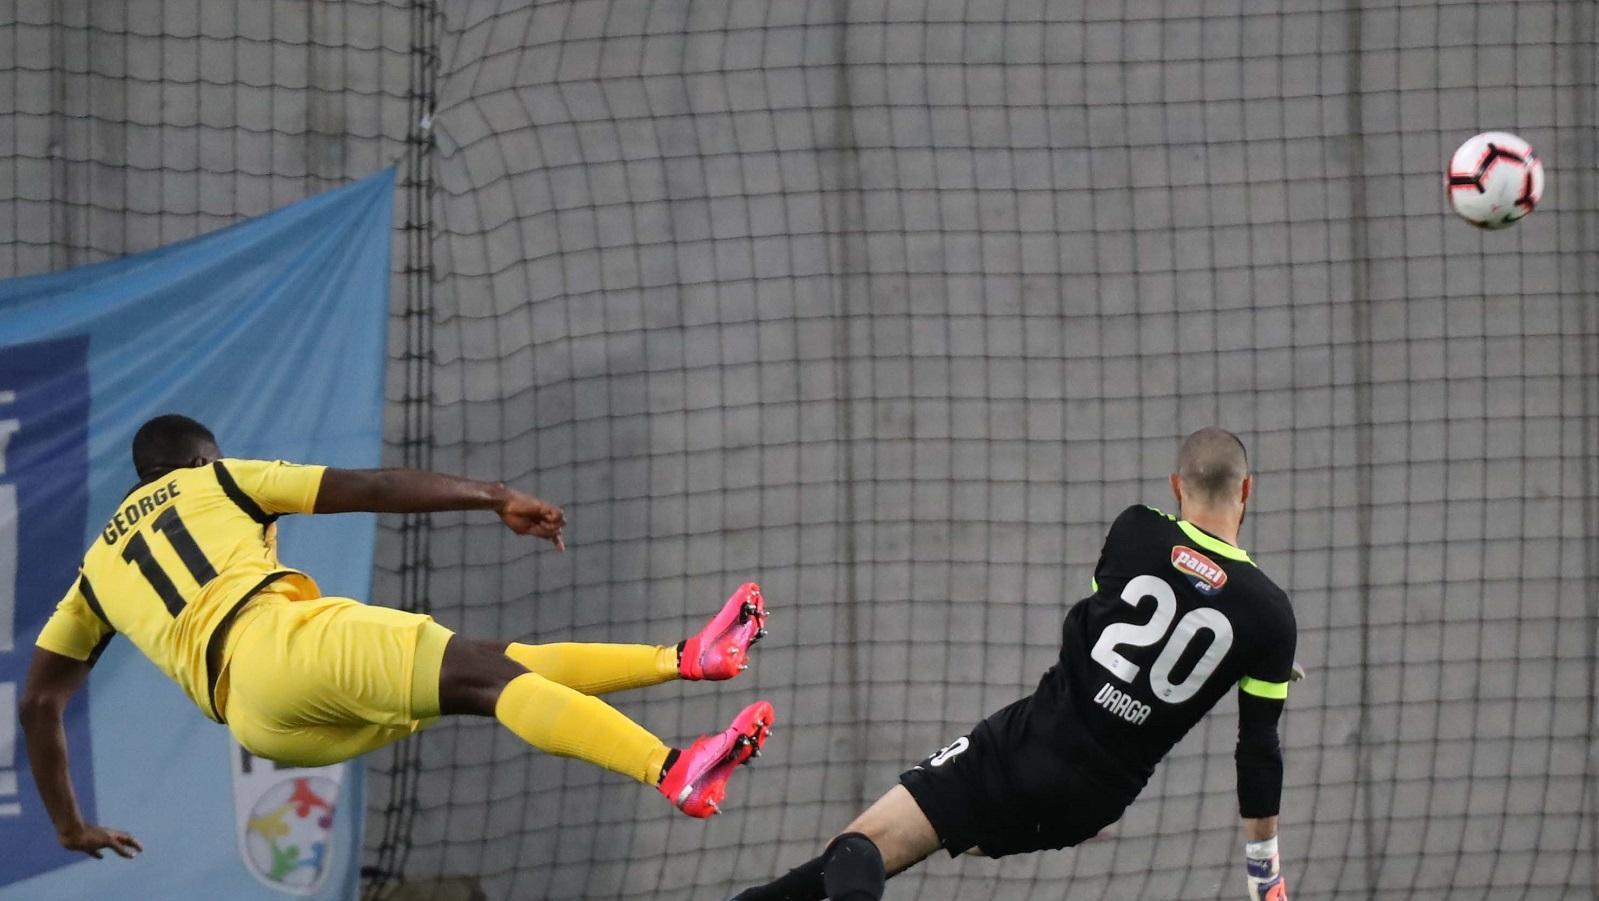 """Varga: """"Bosszús vagyok, mert több góllal kellett volna nyernünk"""" (videó)"""